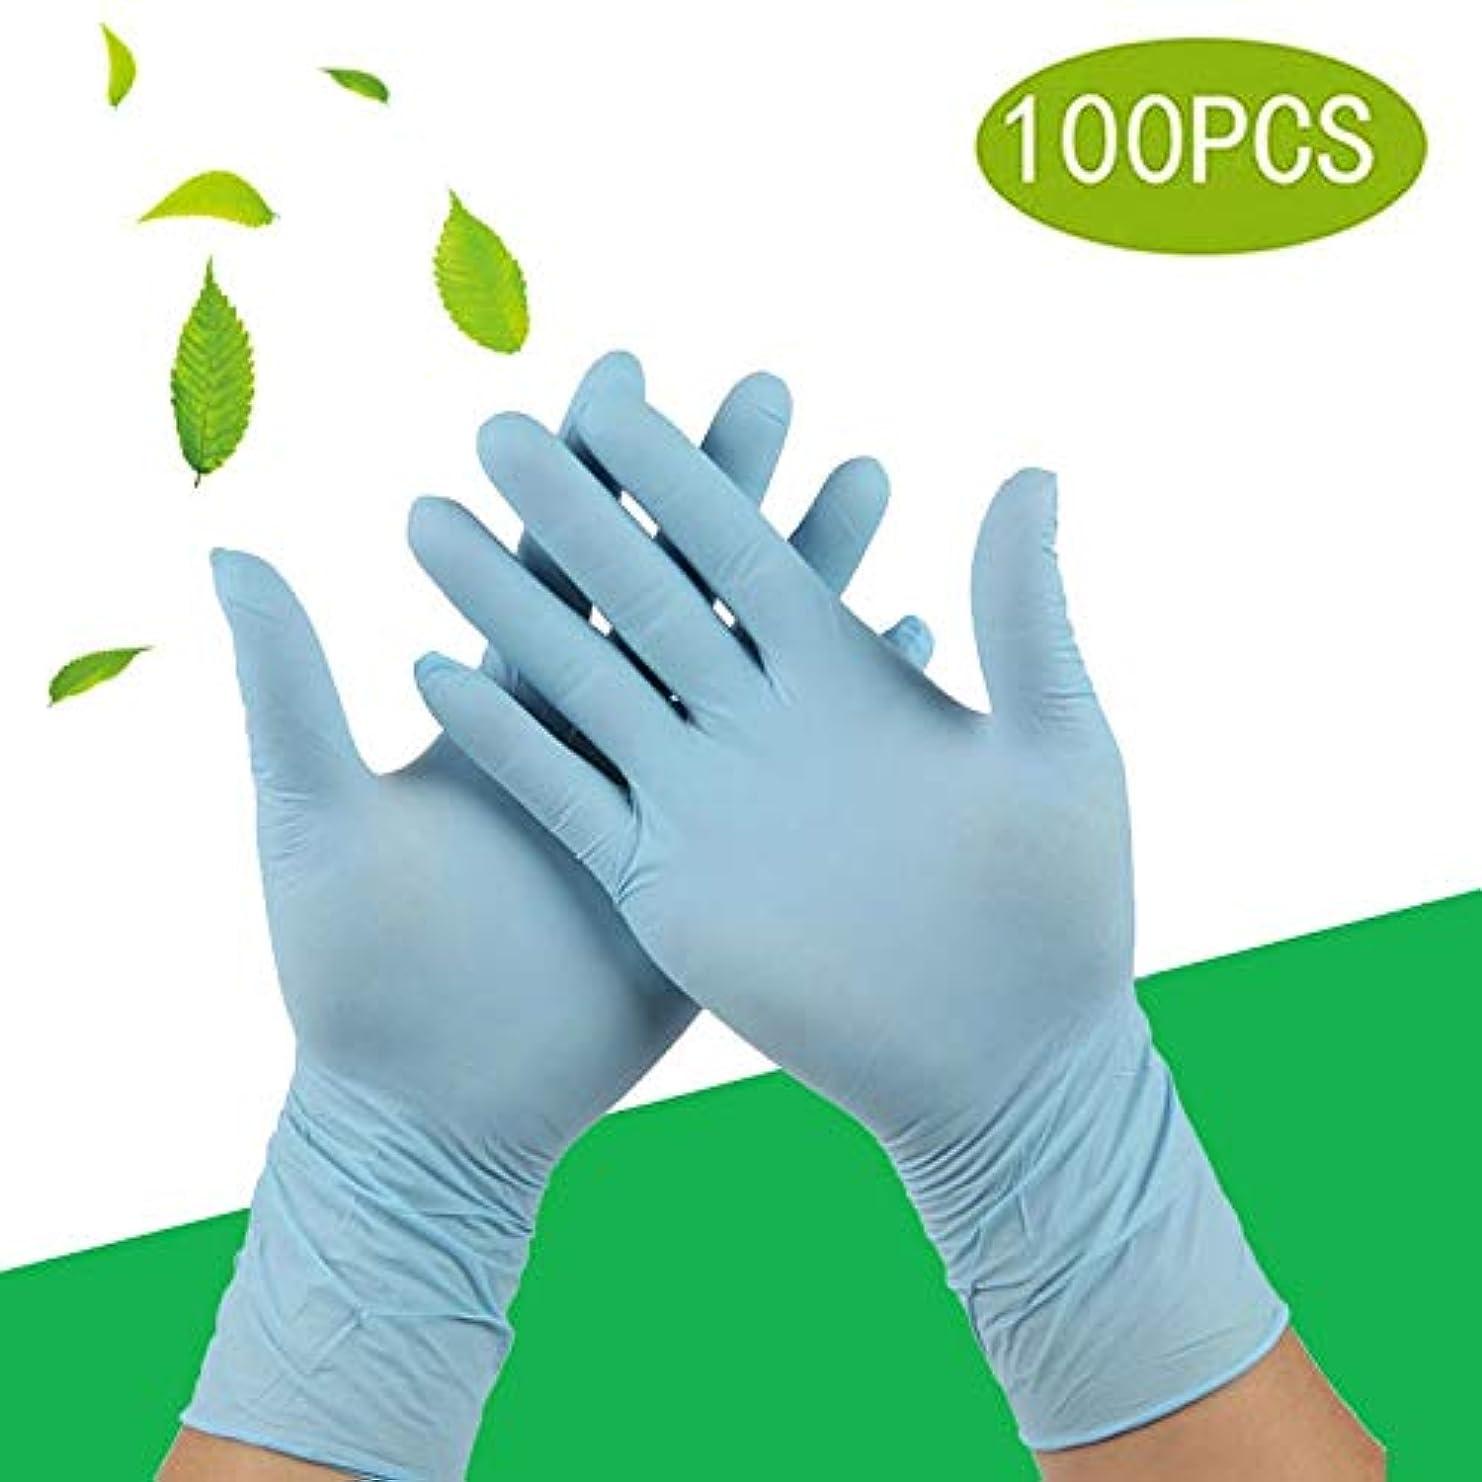 悪化するレルム聖職者耐酸性および耐アルカリ性試験ニトリル試験用手袋、使い捨て、医療用グレード100カウント (Size : S)